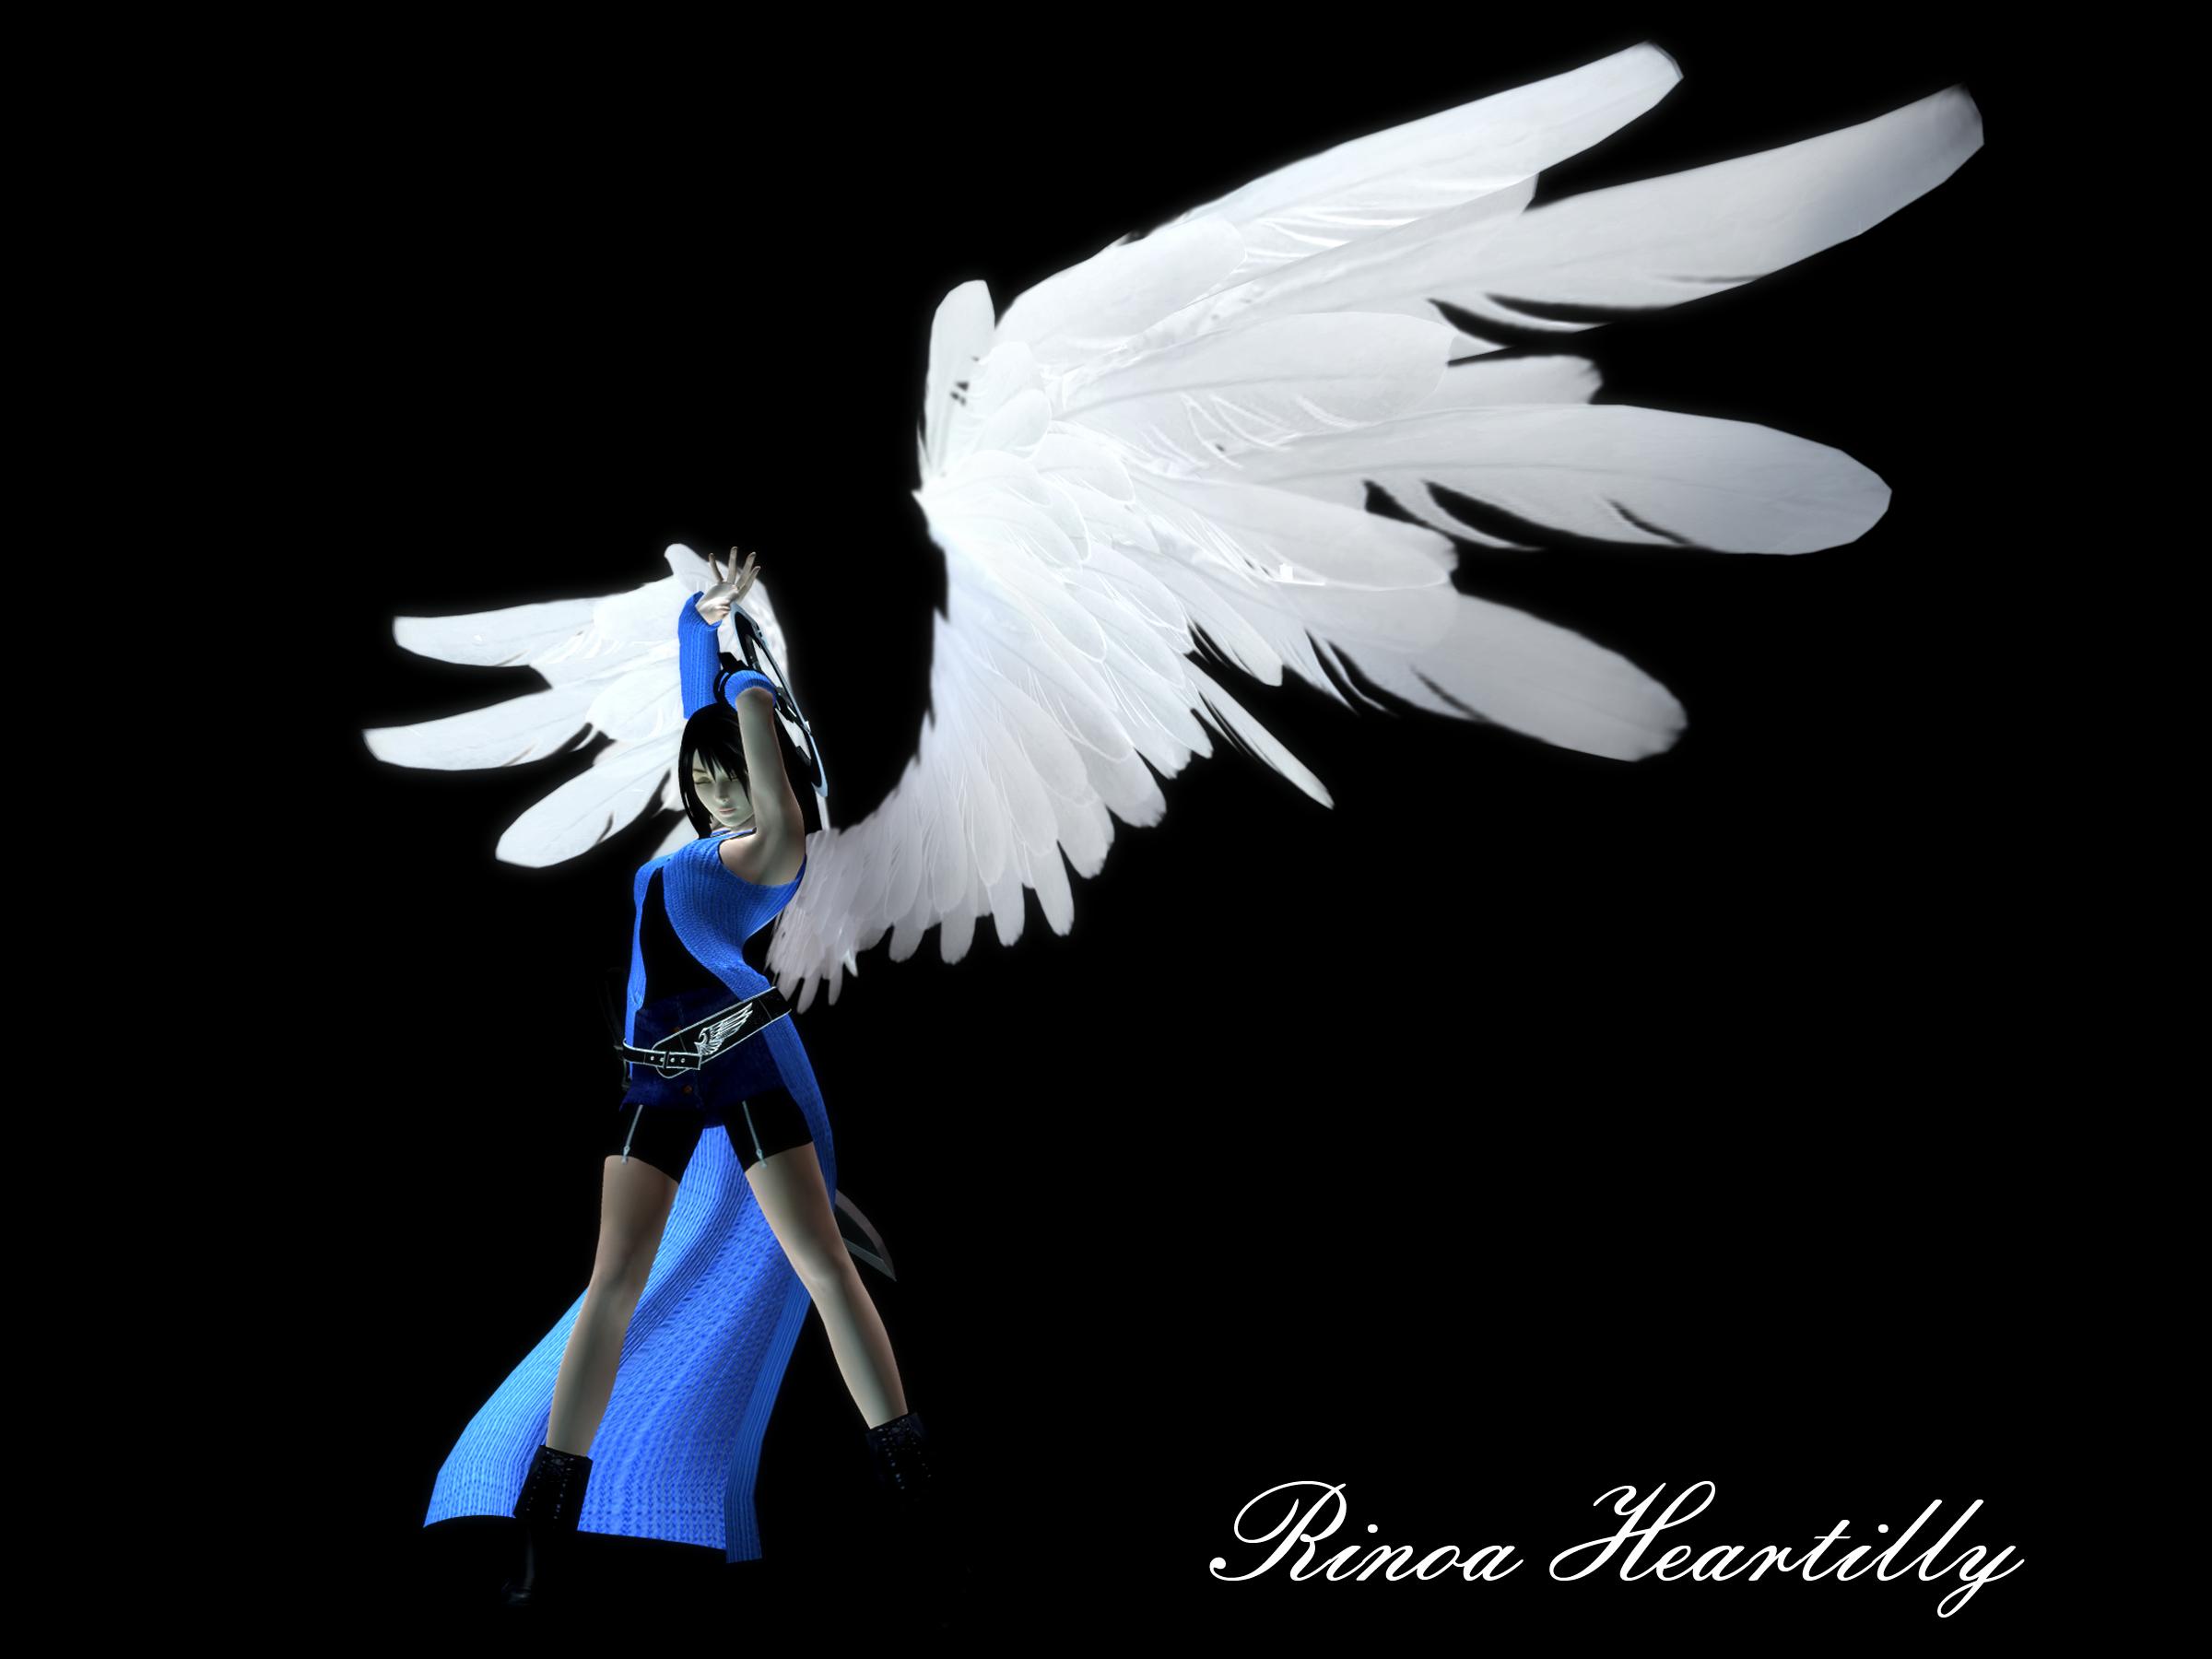 Rinoa Heartilly Final Fantasy Viii Zerochan Anime Image Board